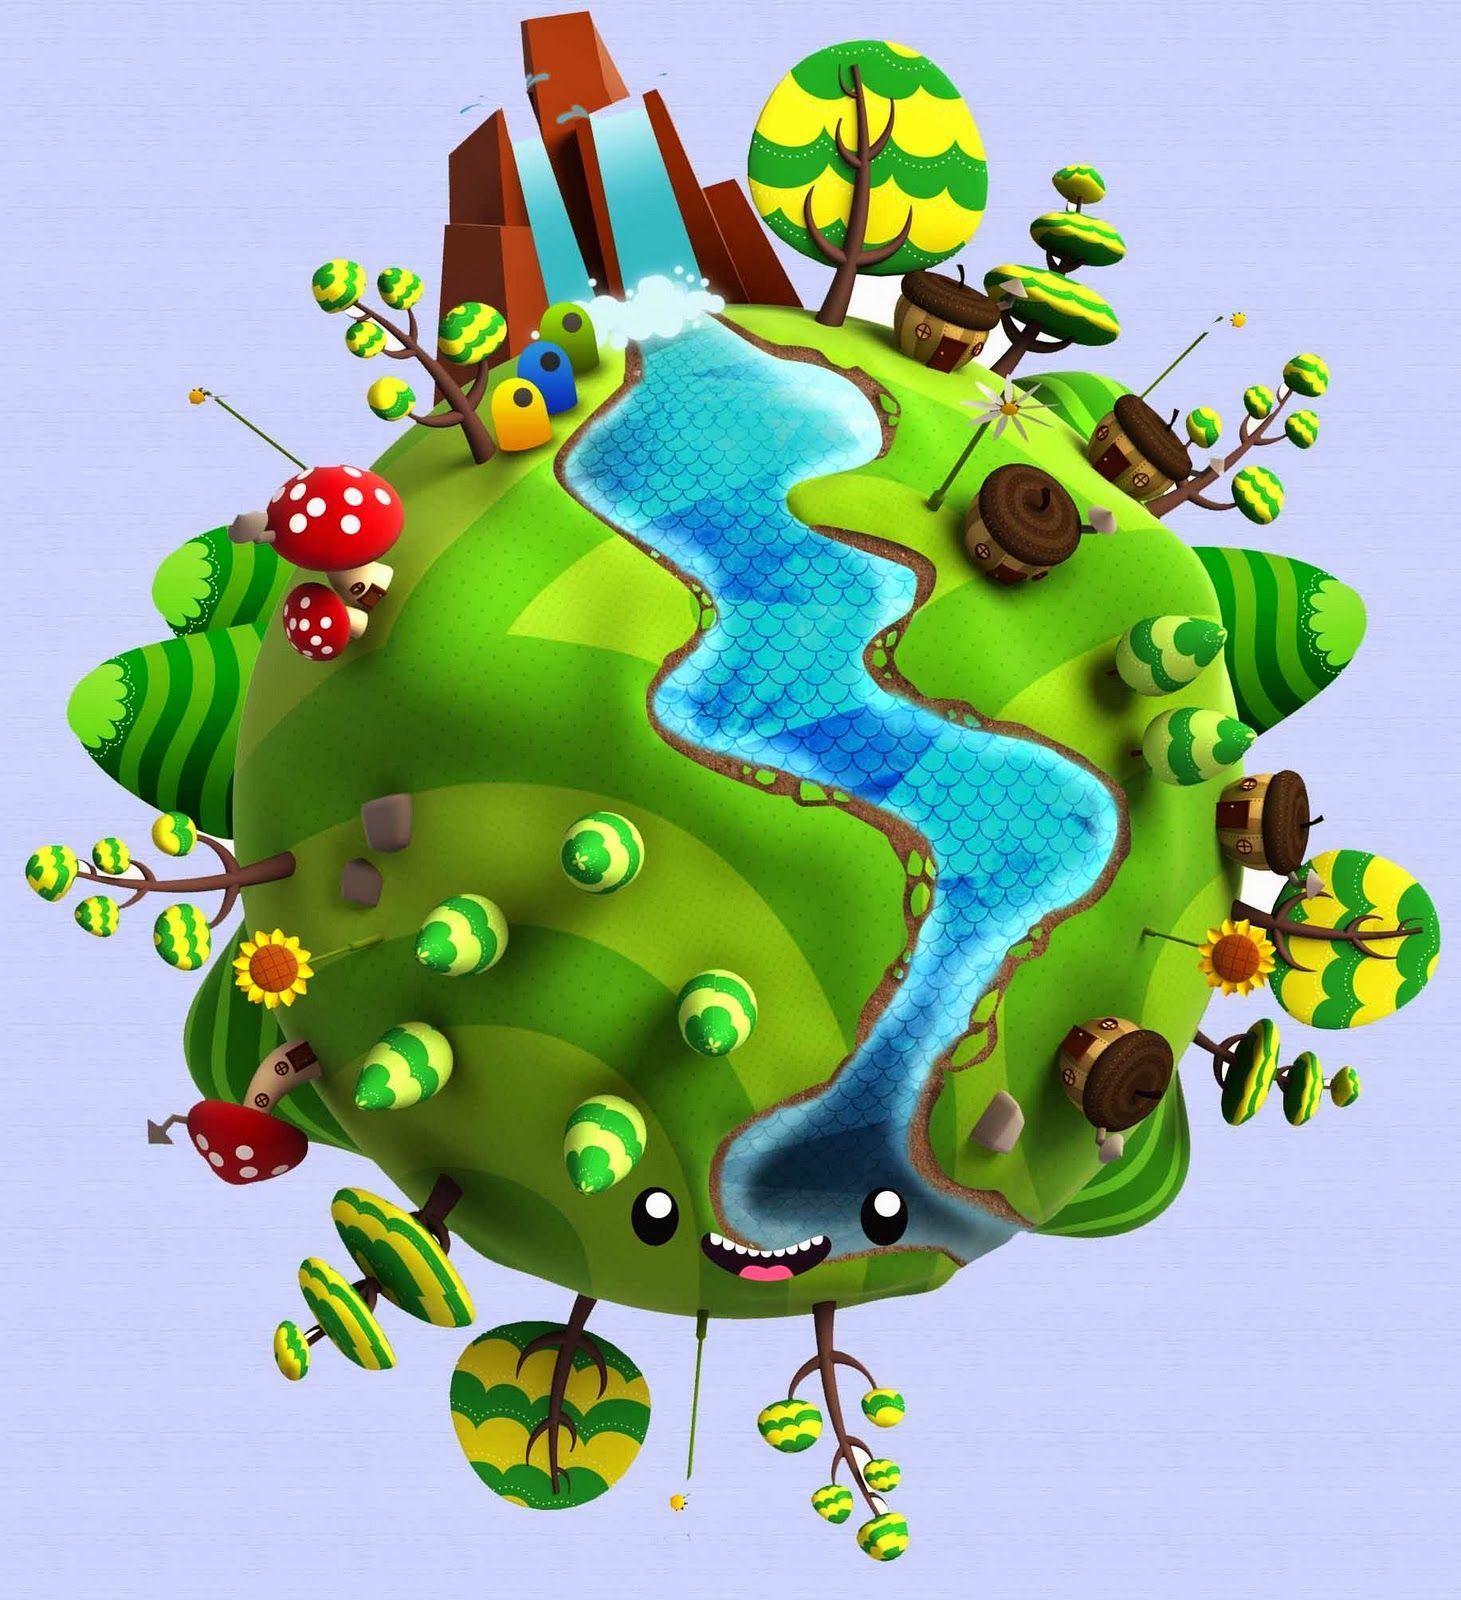 ECOLOGIA Y MEDIO AMBIENTE Ambiente, Dia da criança e